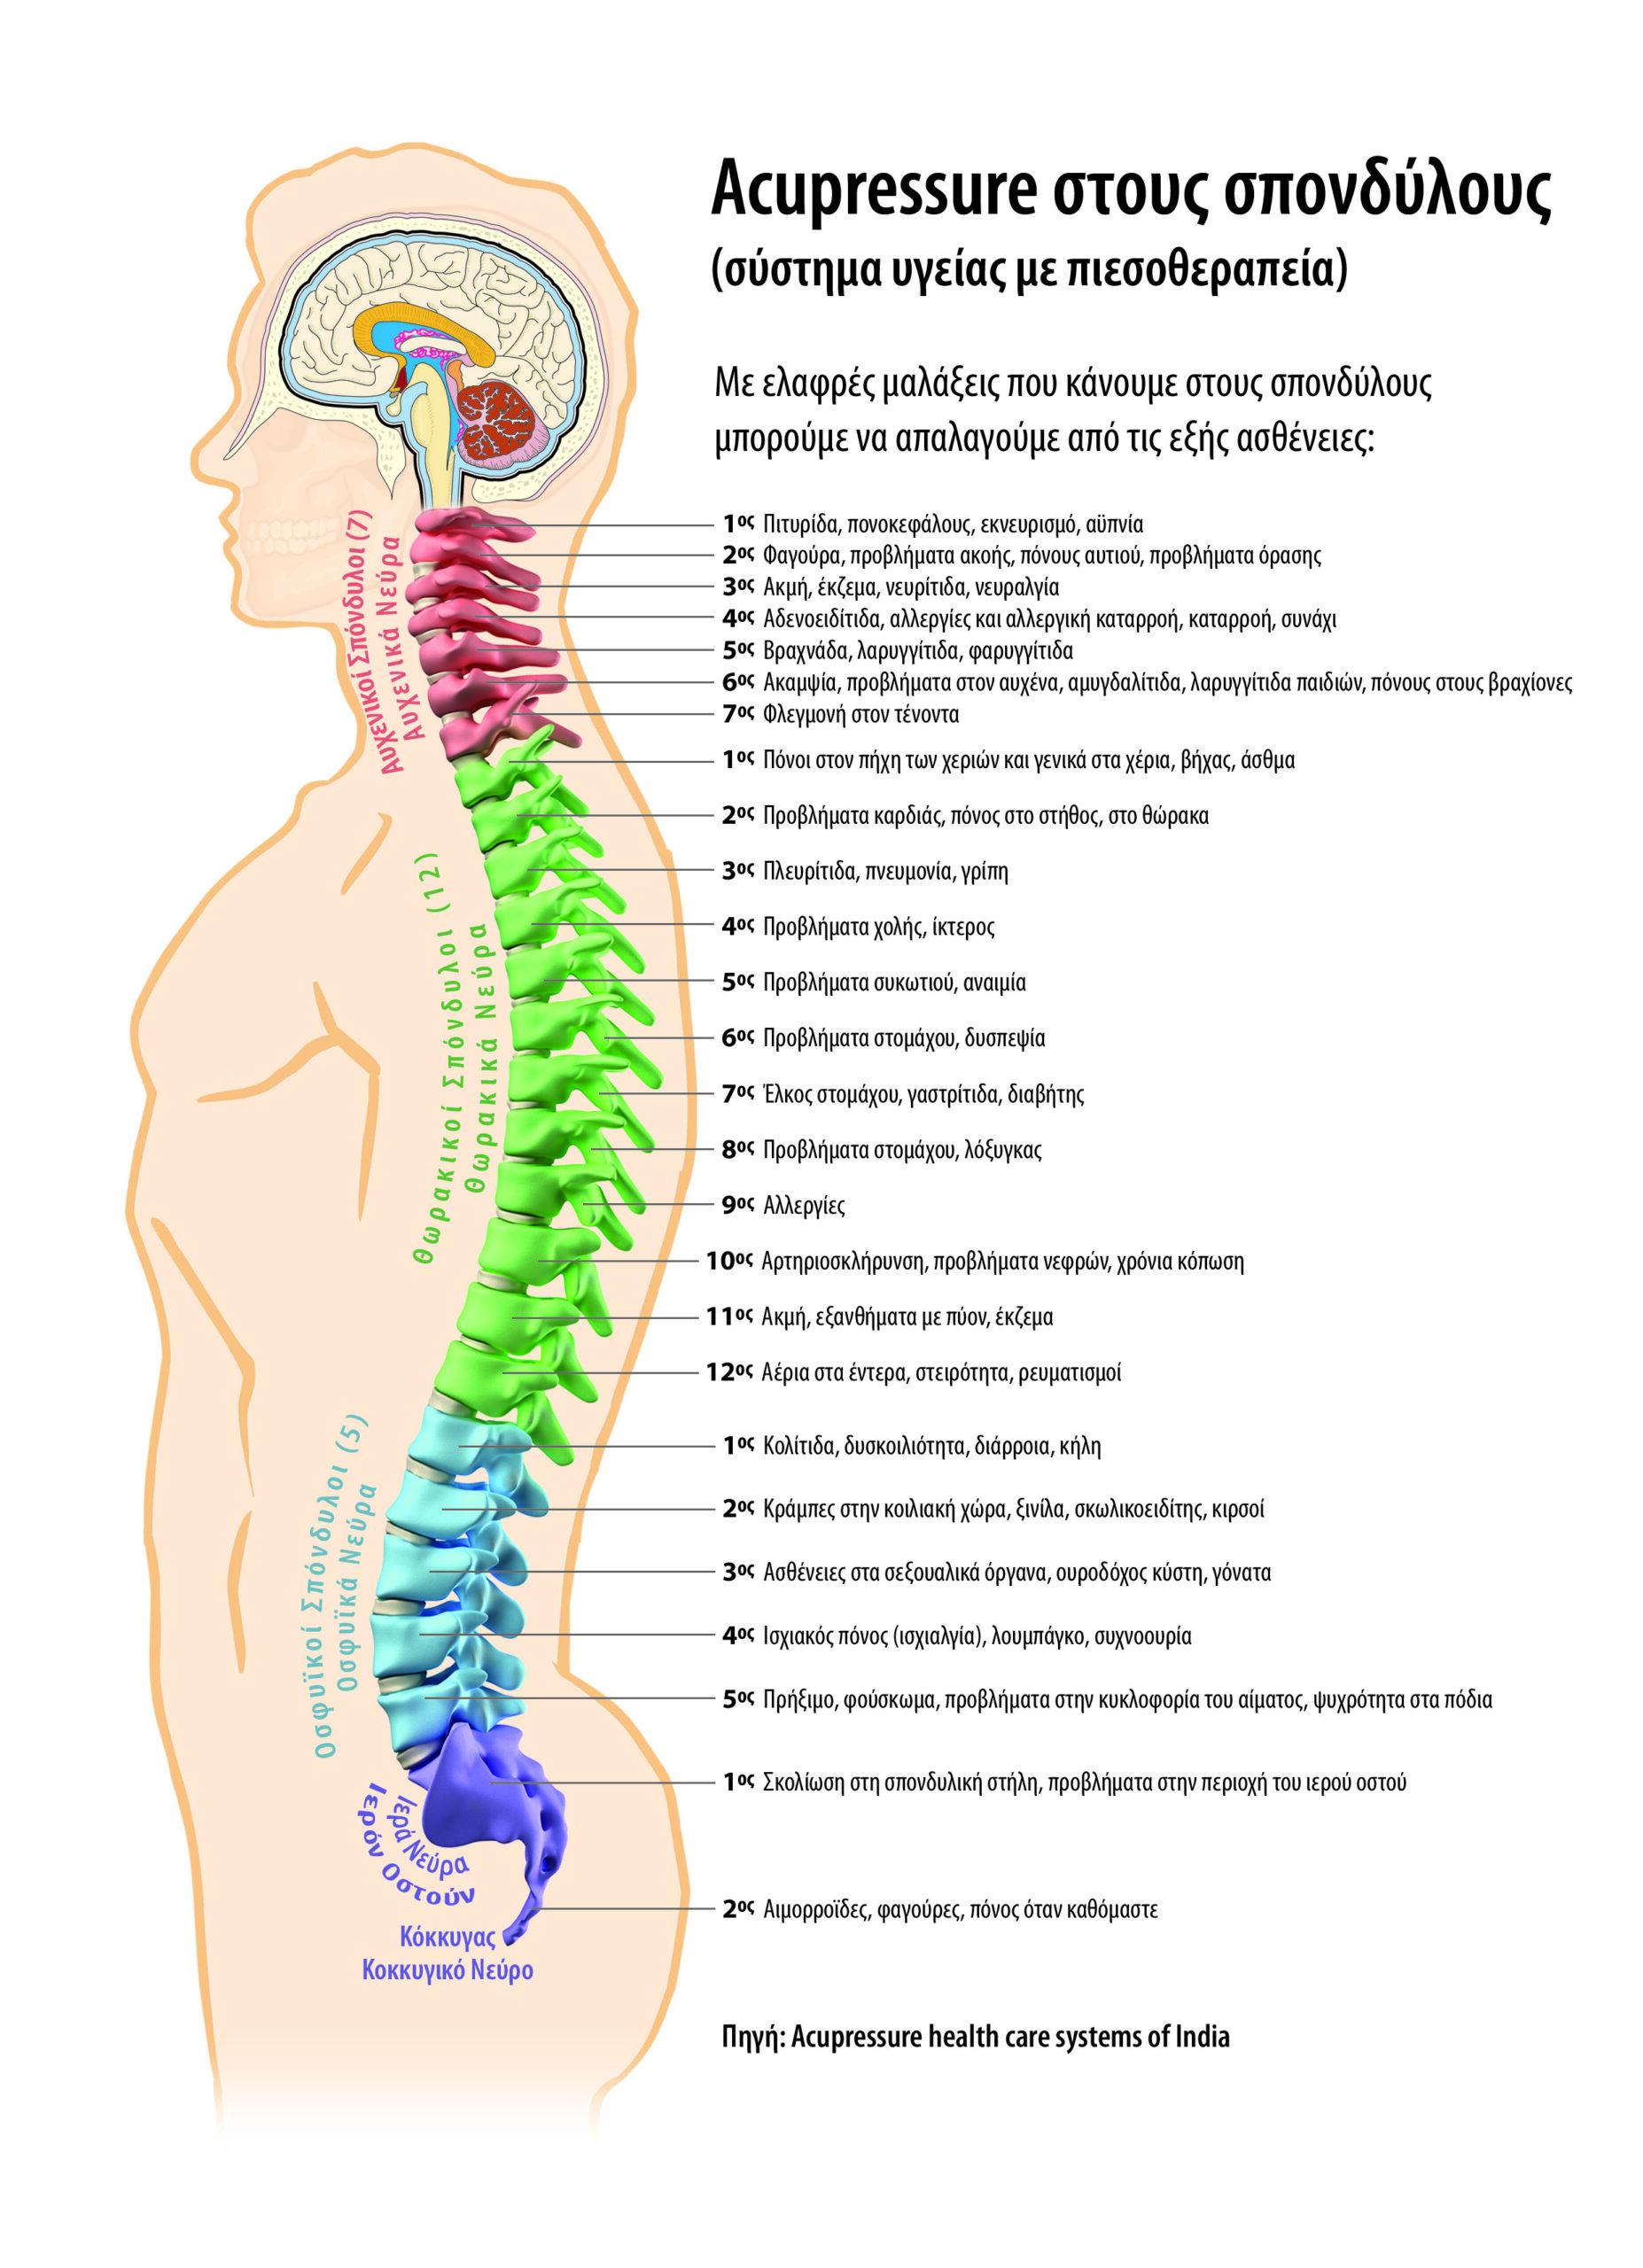 Αυτοθεραπεία από την πλειονότητα των ασθενείων κάνοντας ελαφρές μαλάξεις στη δεξιά και αριστερά πλευρά του ανάλογου για κάθε όργανο σπονδύλου. 1